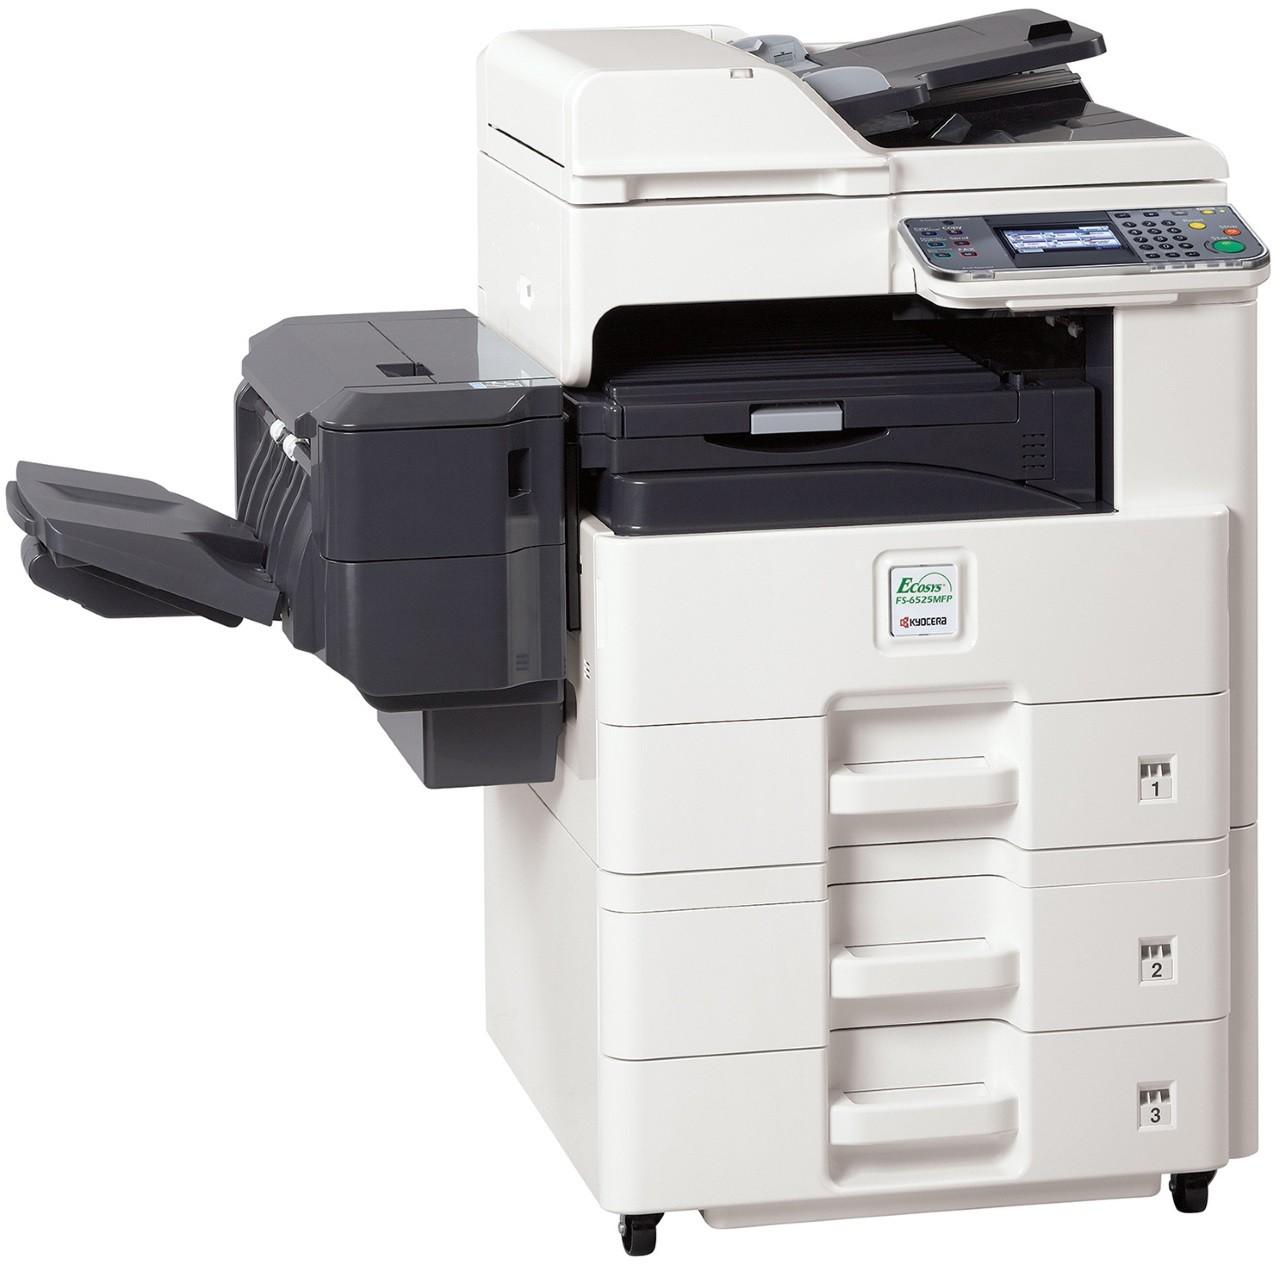 Kyocera FS-6525